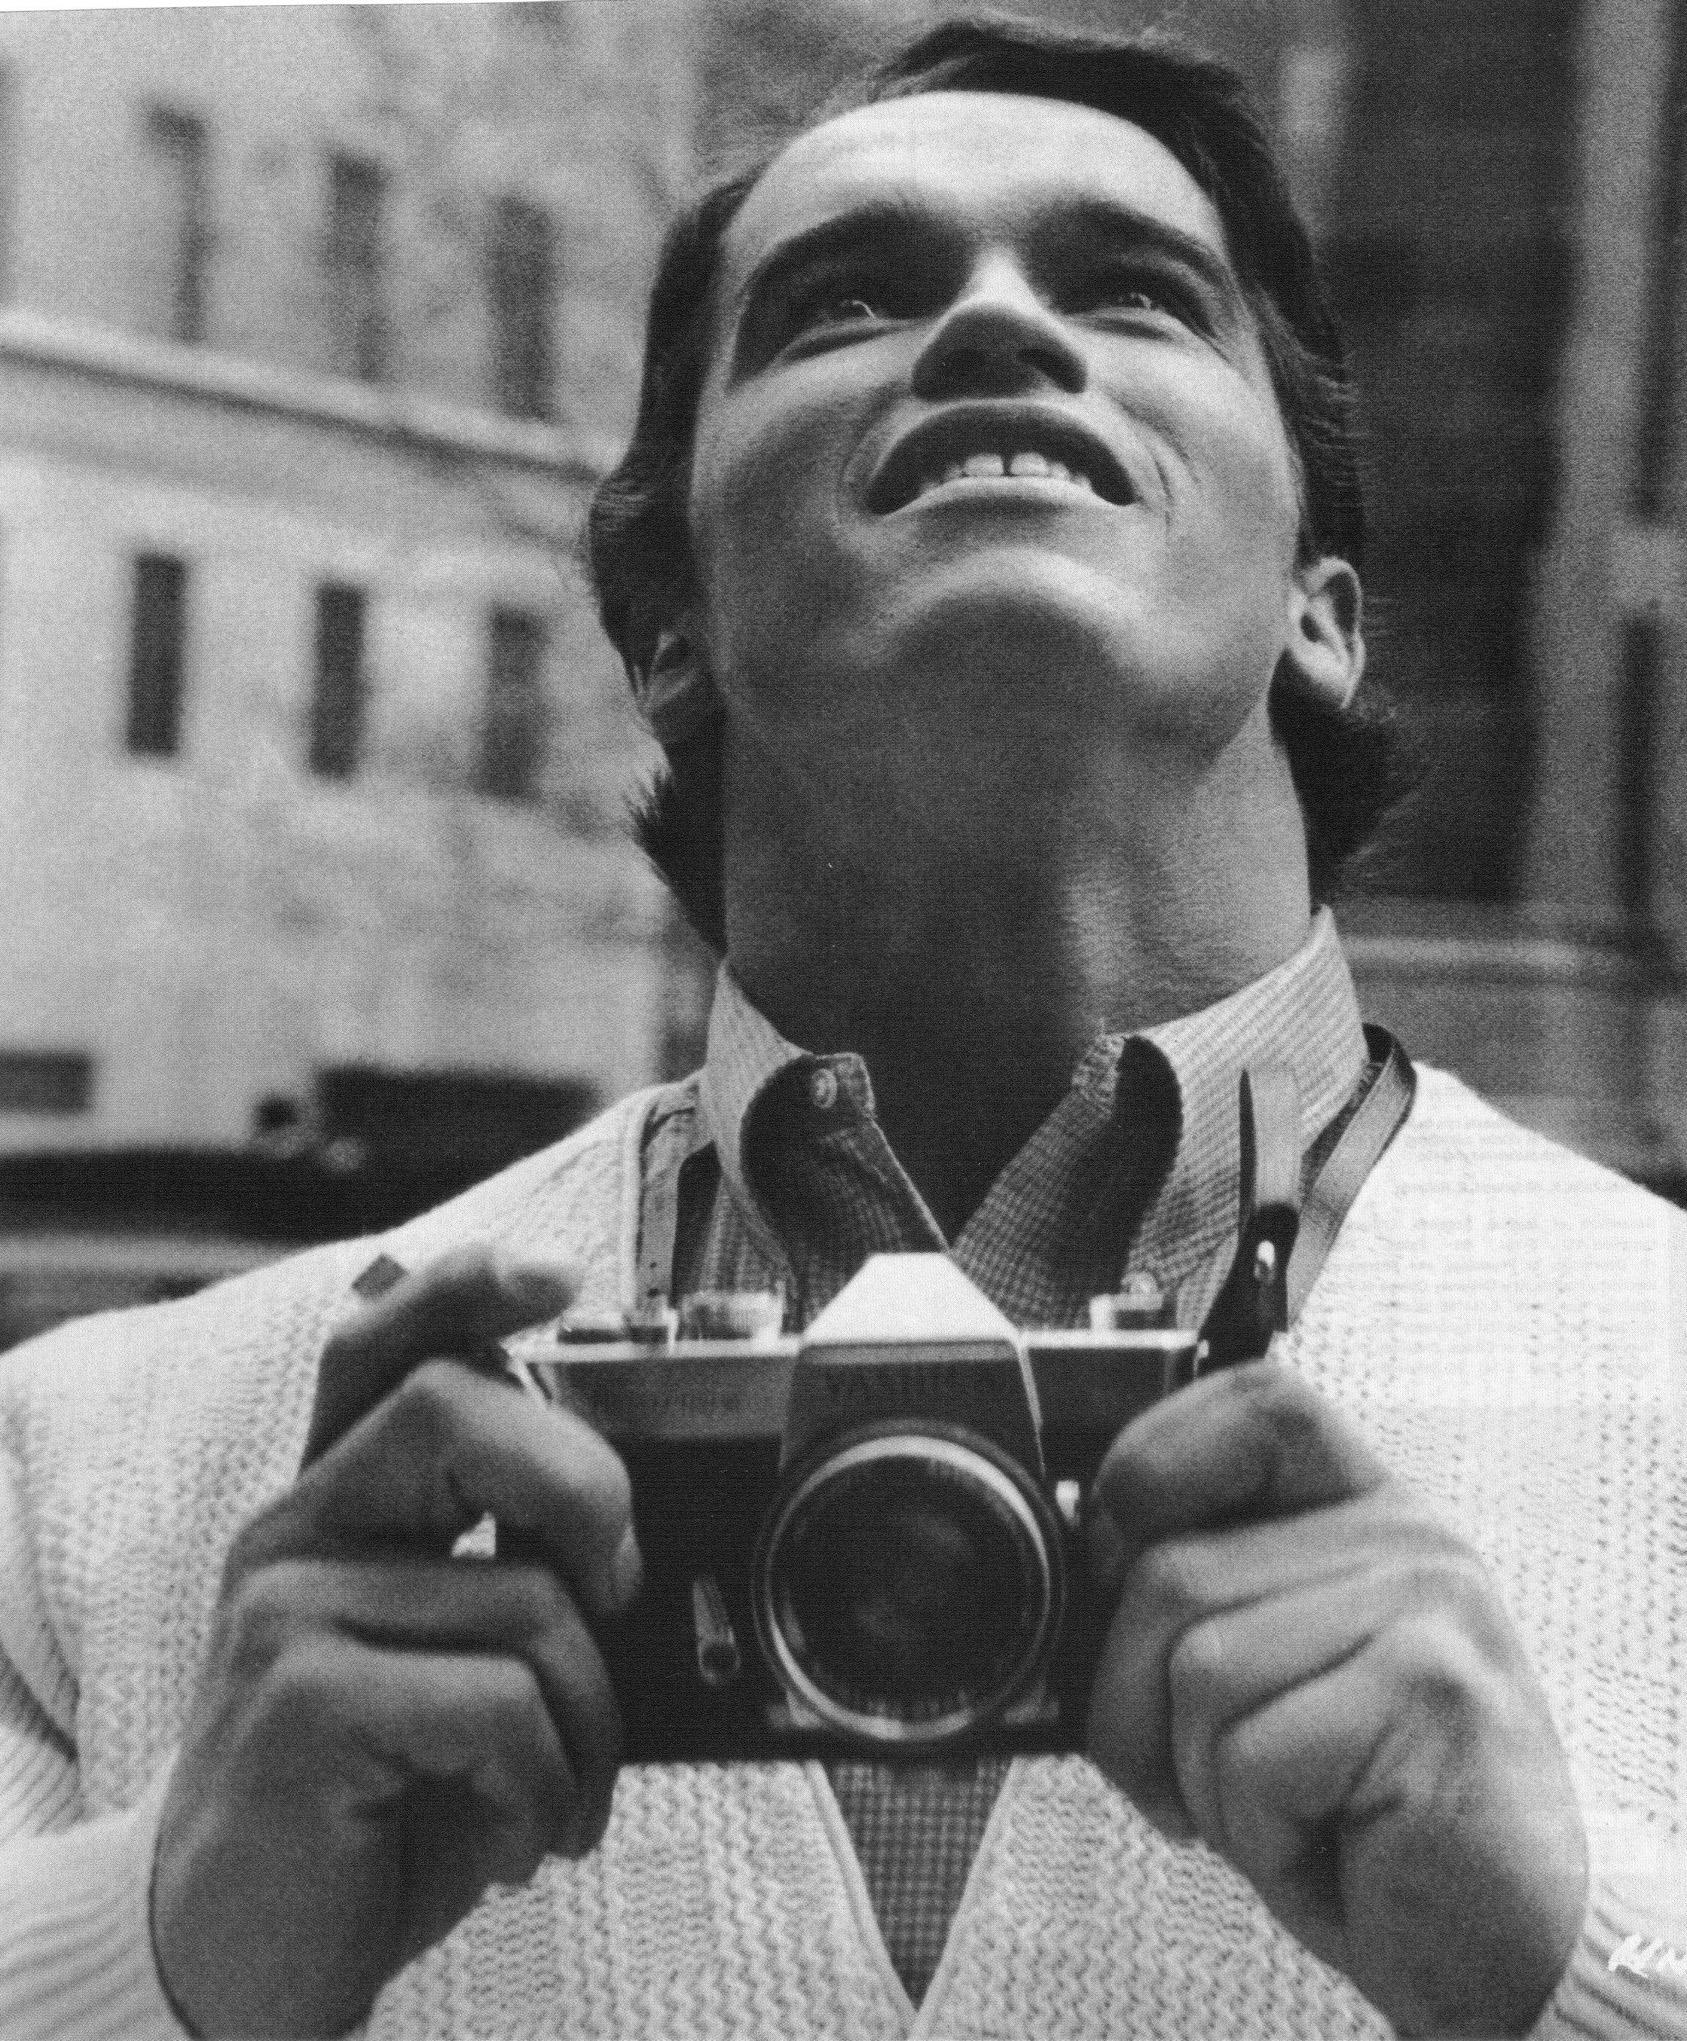 хотите известные легендарные фотографы фото